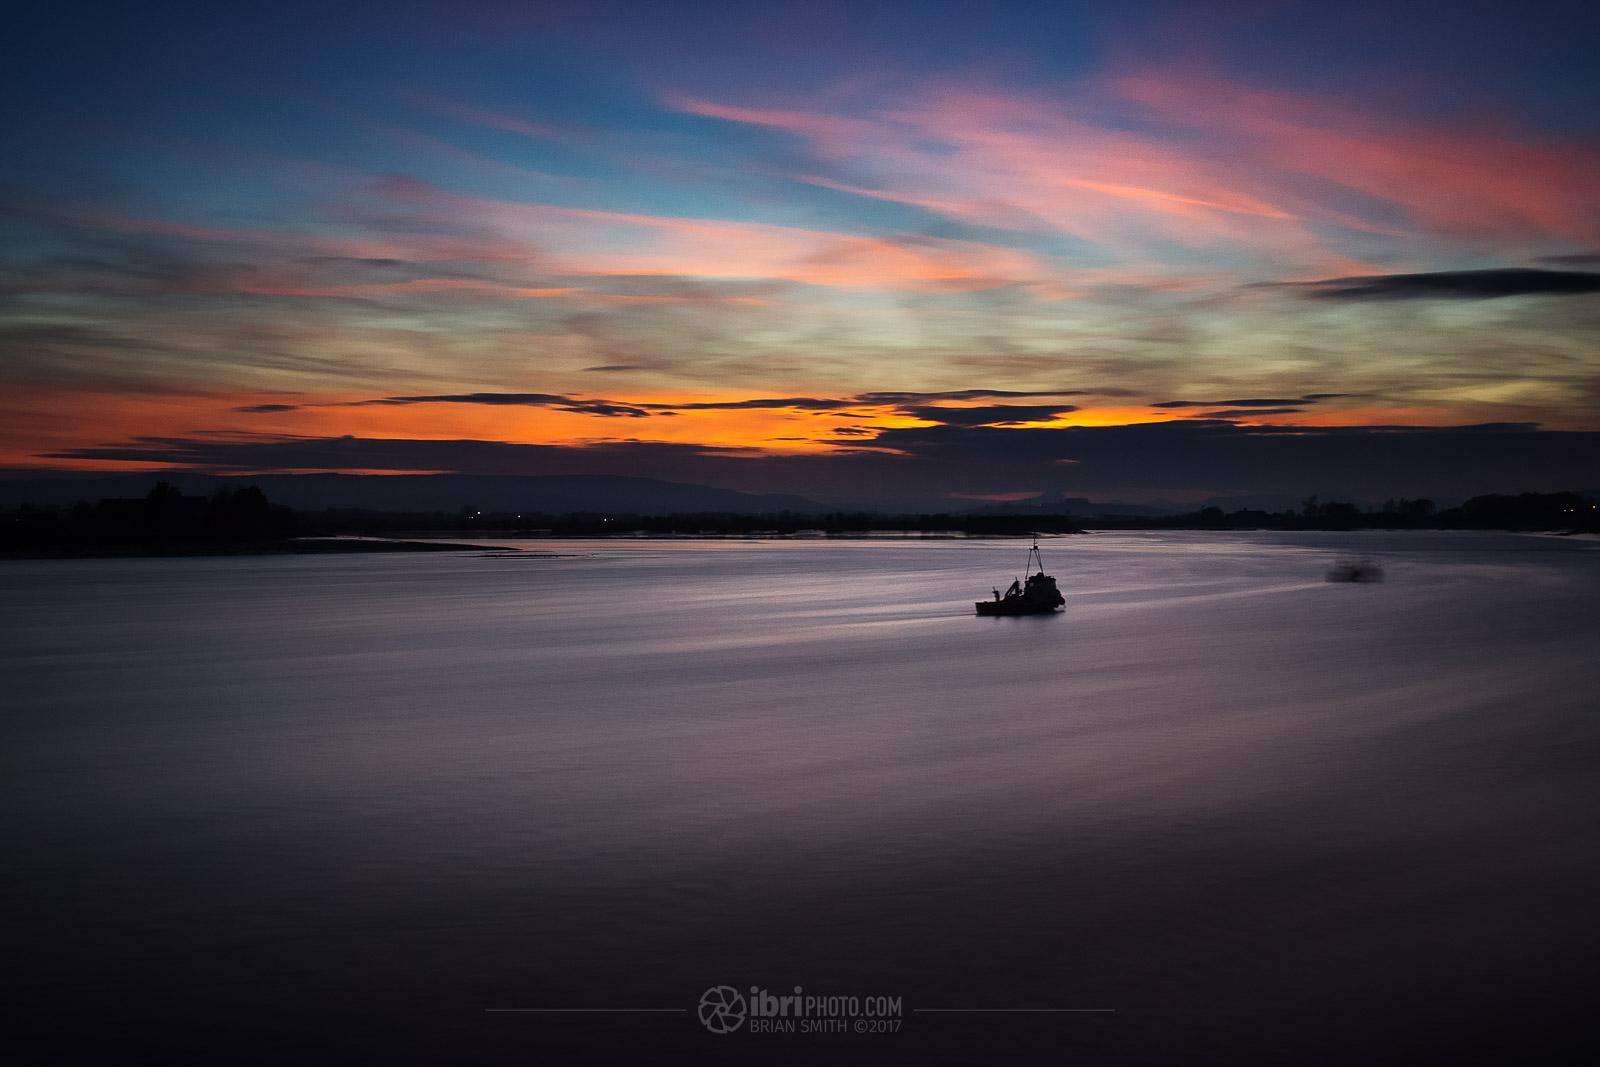 The Shore, Alloa. Sony Nex 7 - Miranda 24mm f2.8 (legacy lens) - 30sec - f5.6 - ISO200